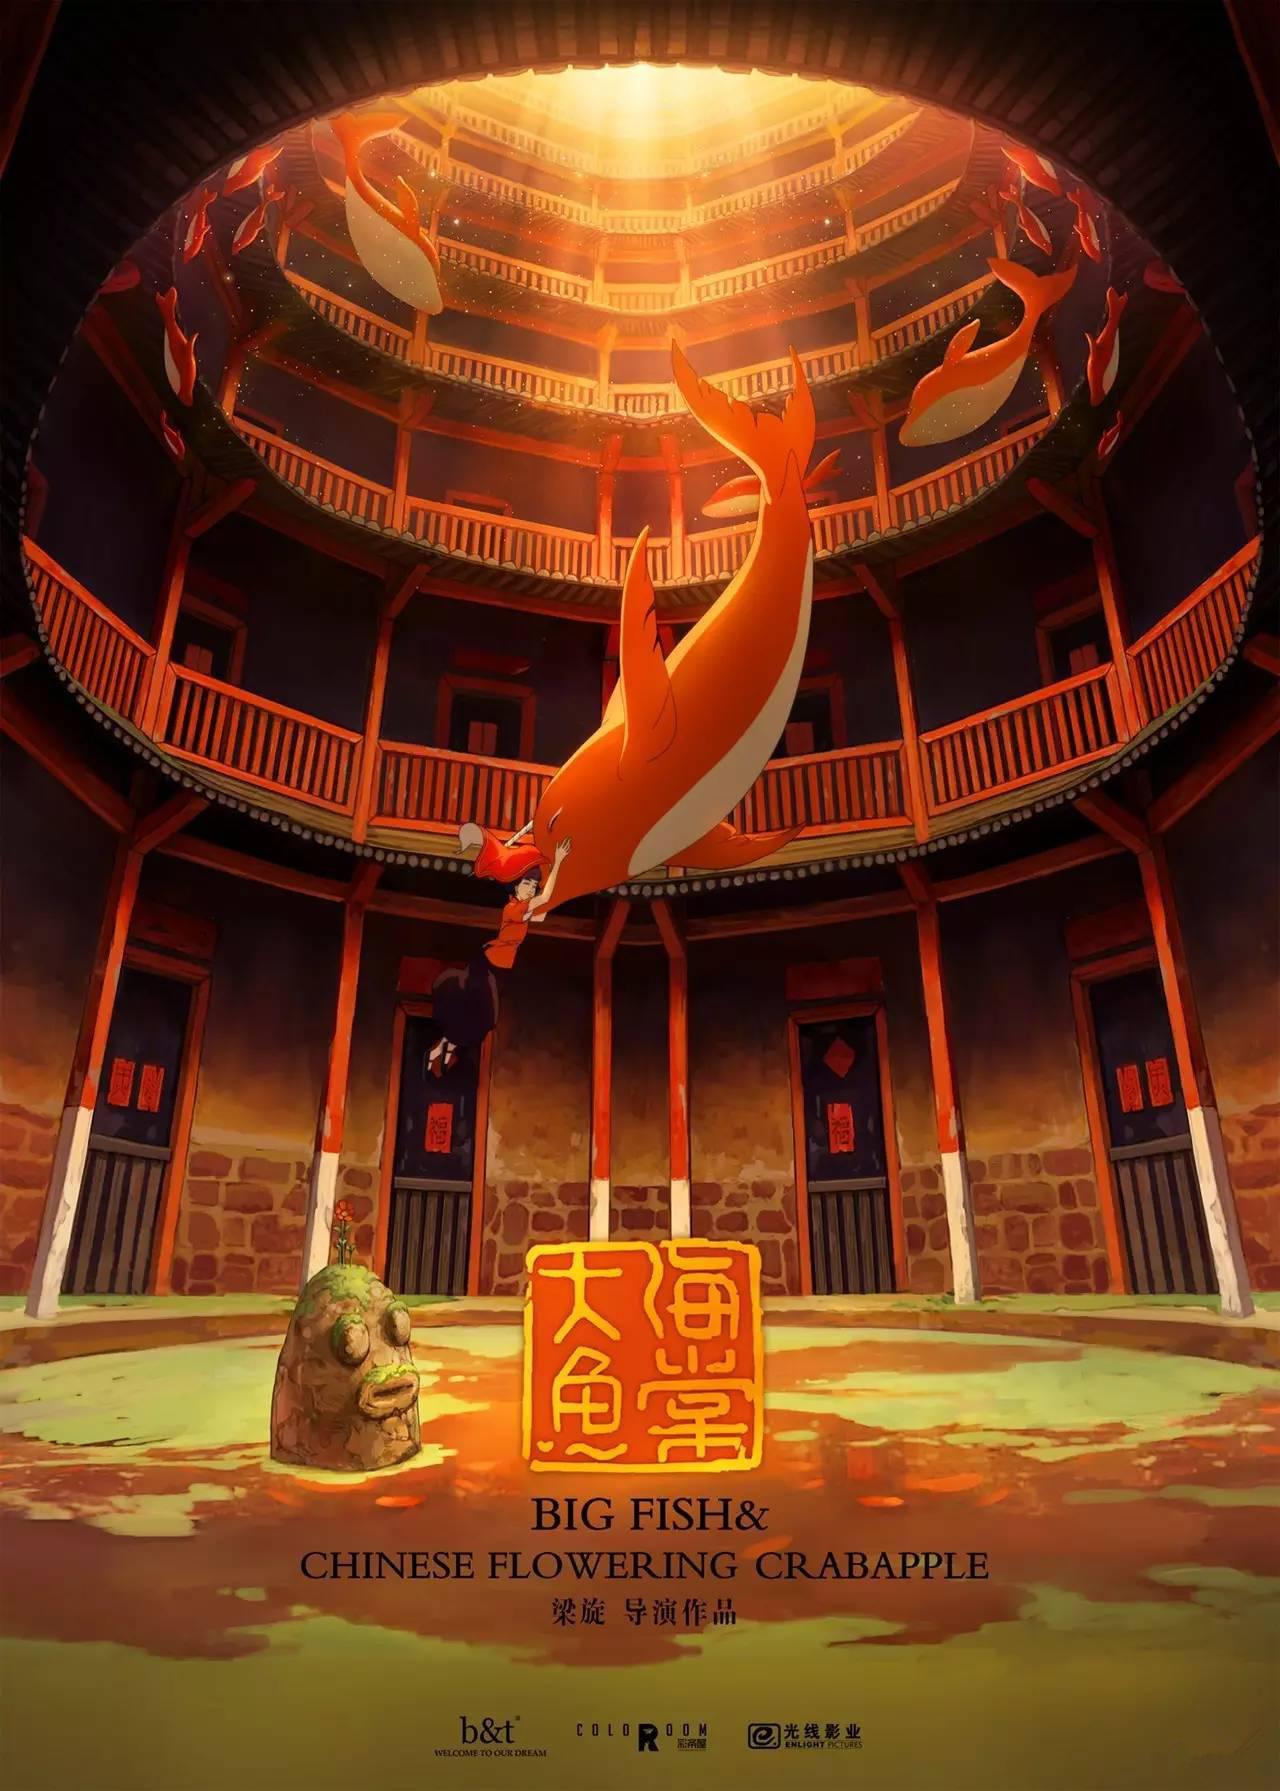 《大圣歸來》續集《大圣鬧天宮》曝光首款海報